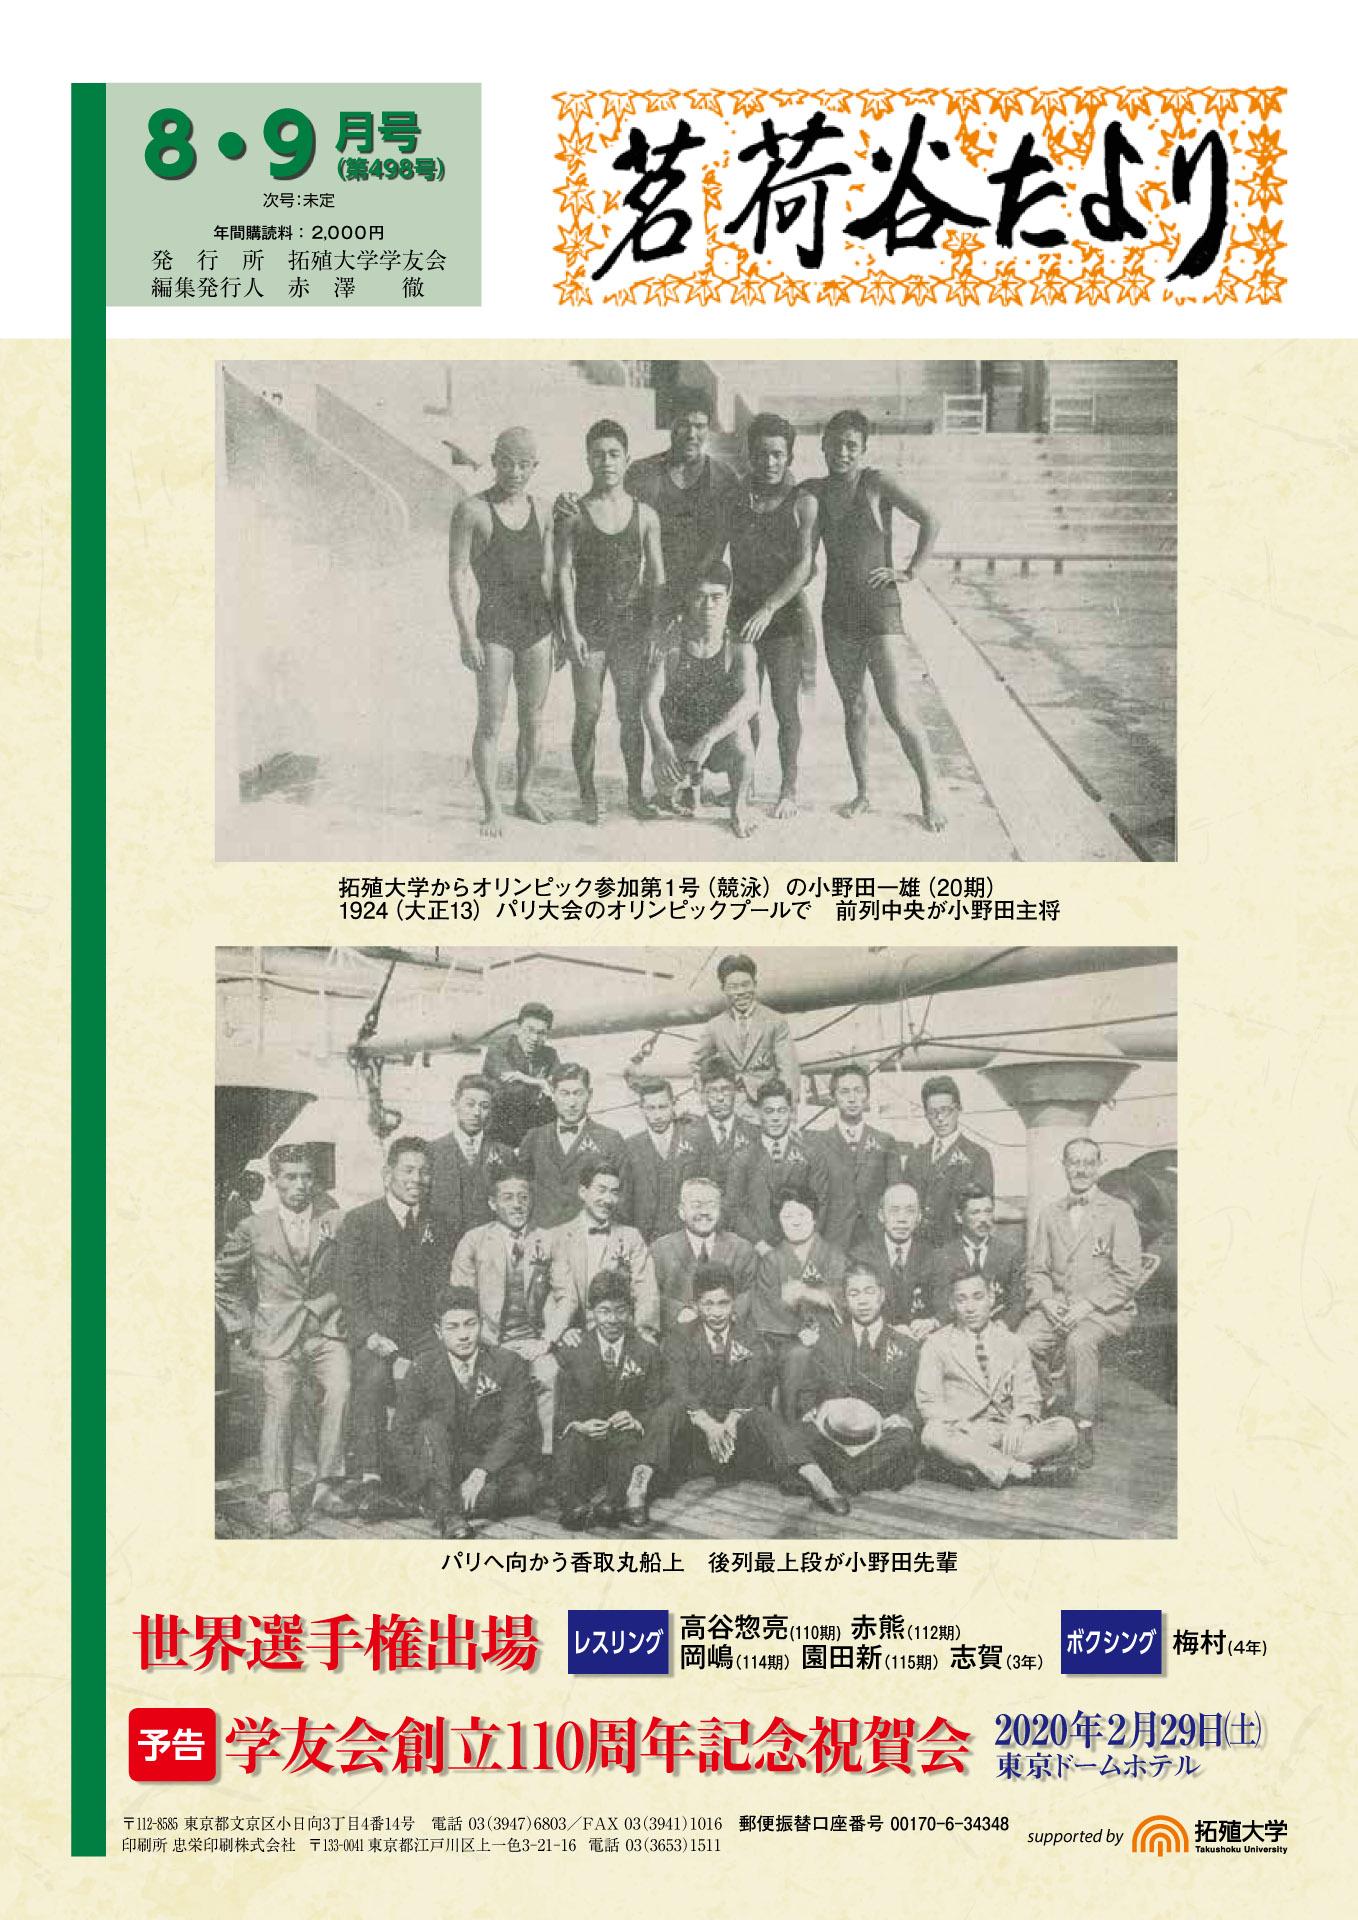 茗荷谷たより8・9月号(第498号)表紙